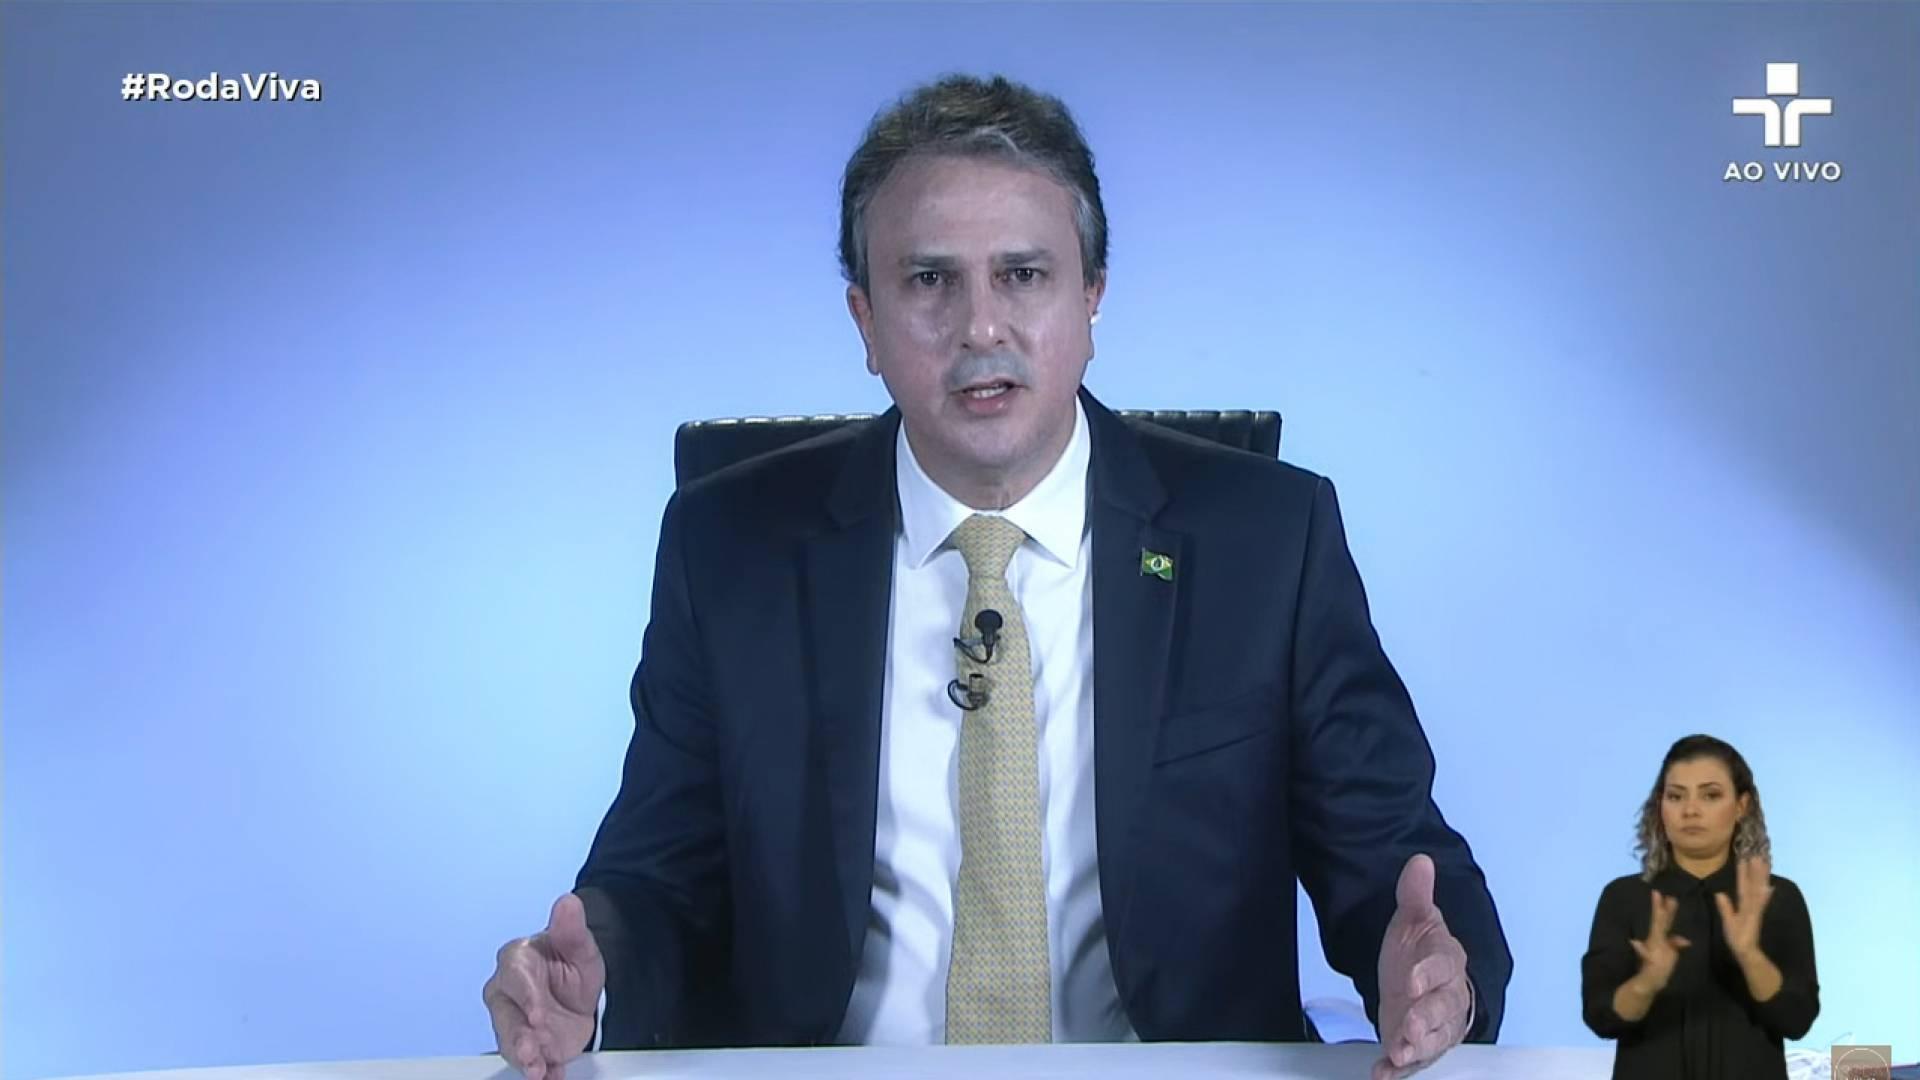 8 de junho de 2020, O governador do estado do Ceara, Camilo Santana, da entrevista ao programa Roda Viva, da tv cultura. (Foto Reprodução/Youtube) (Foto: Reprodução)